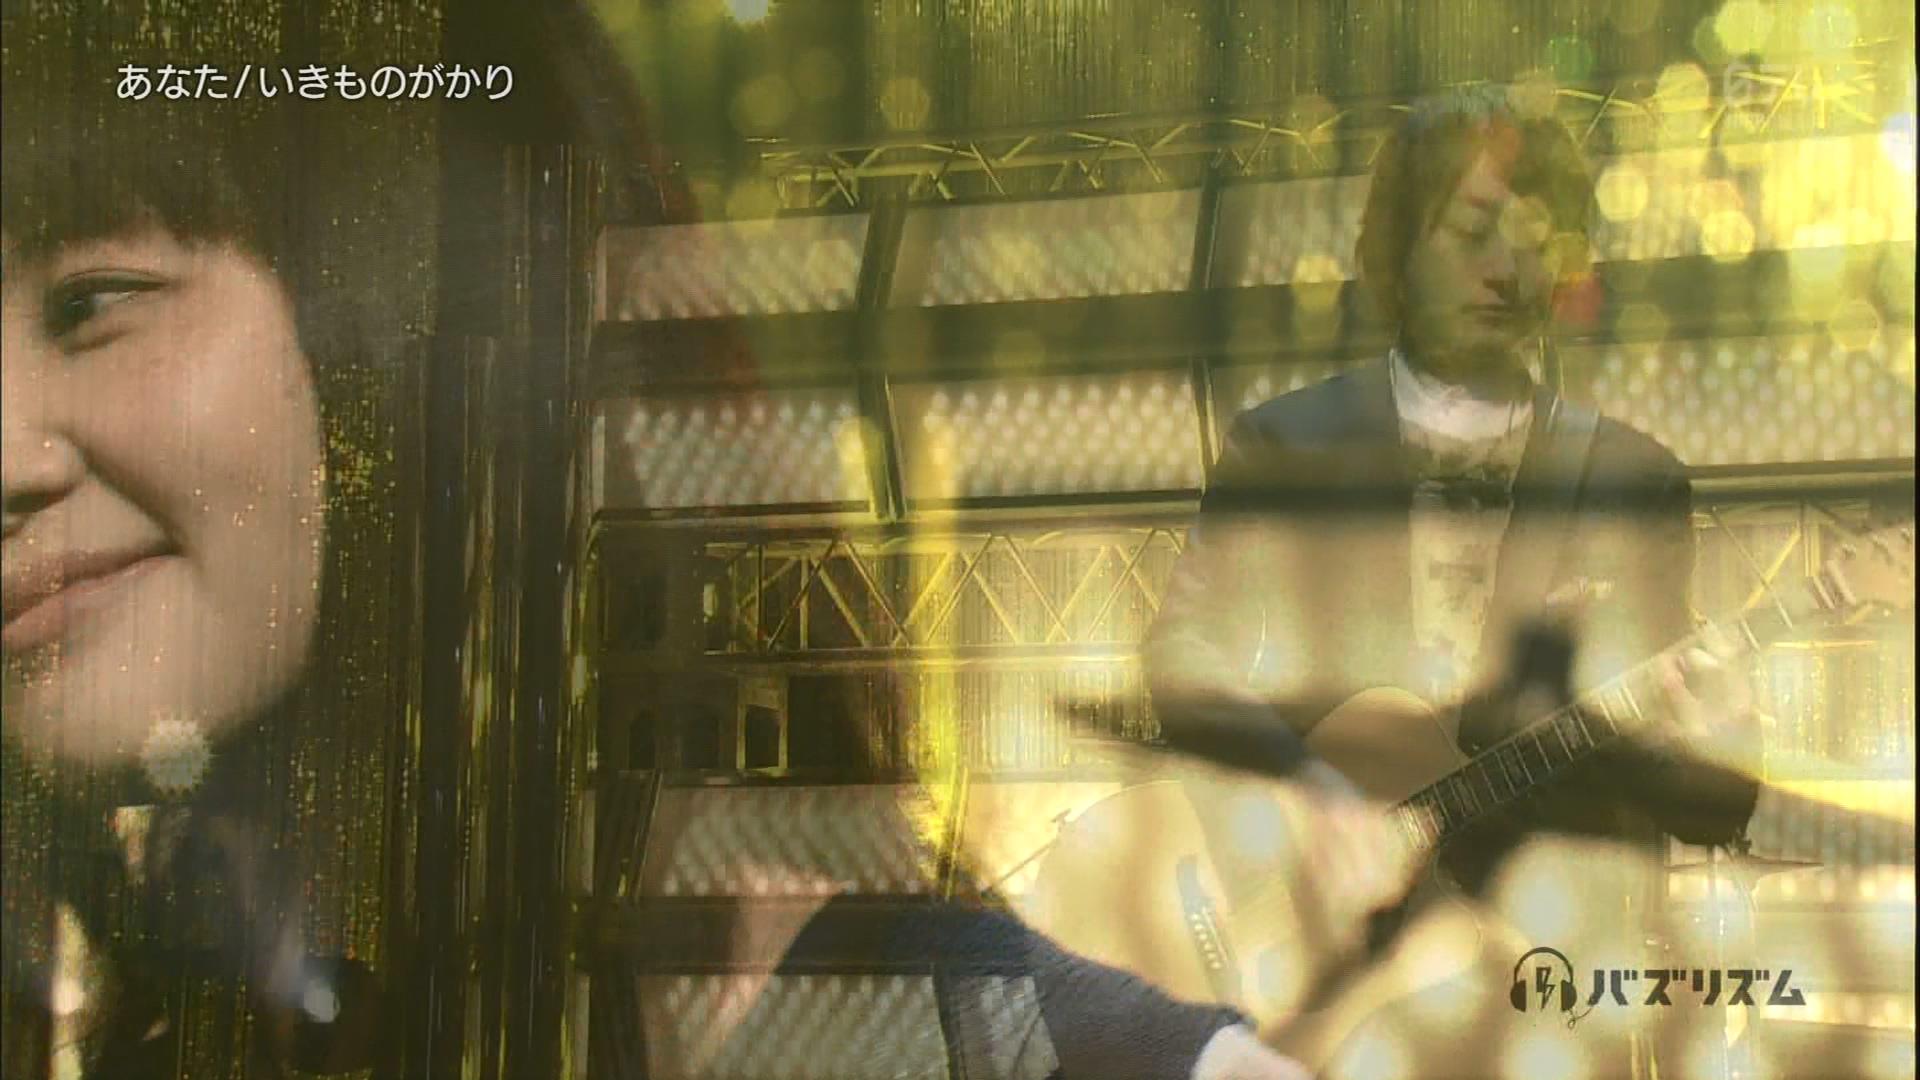 2016.03.11 全場(バズリズム).ts_20160312_023438.122